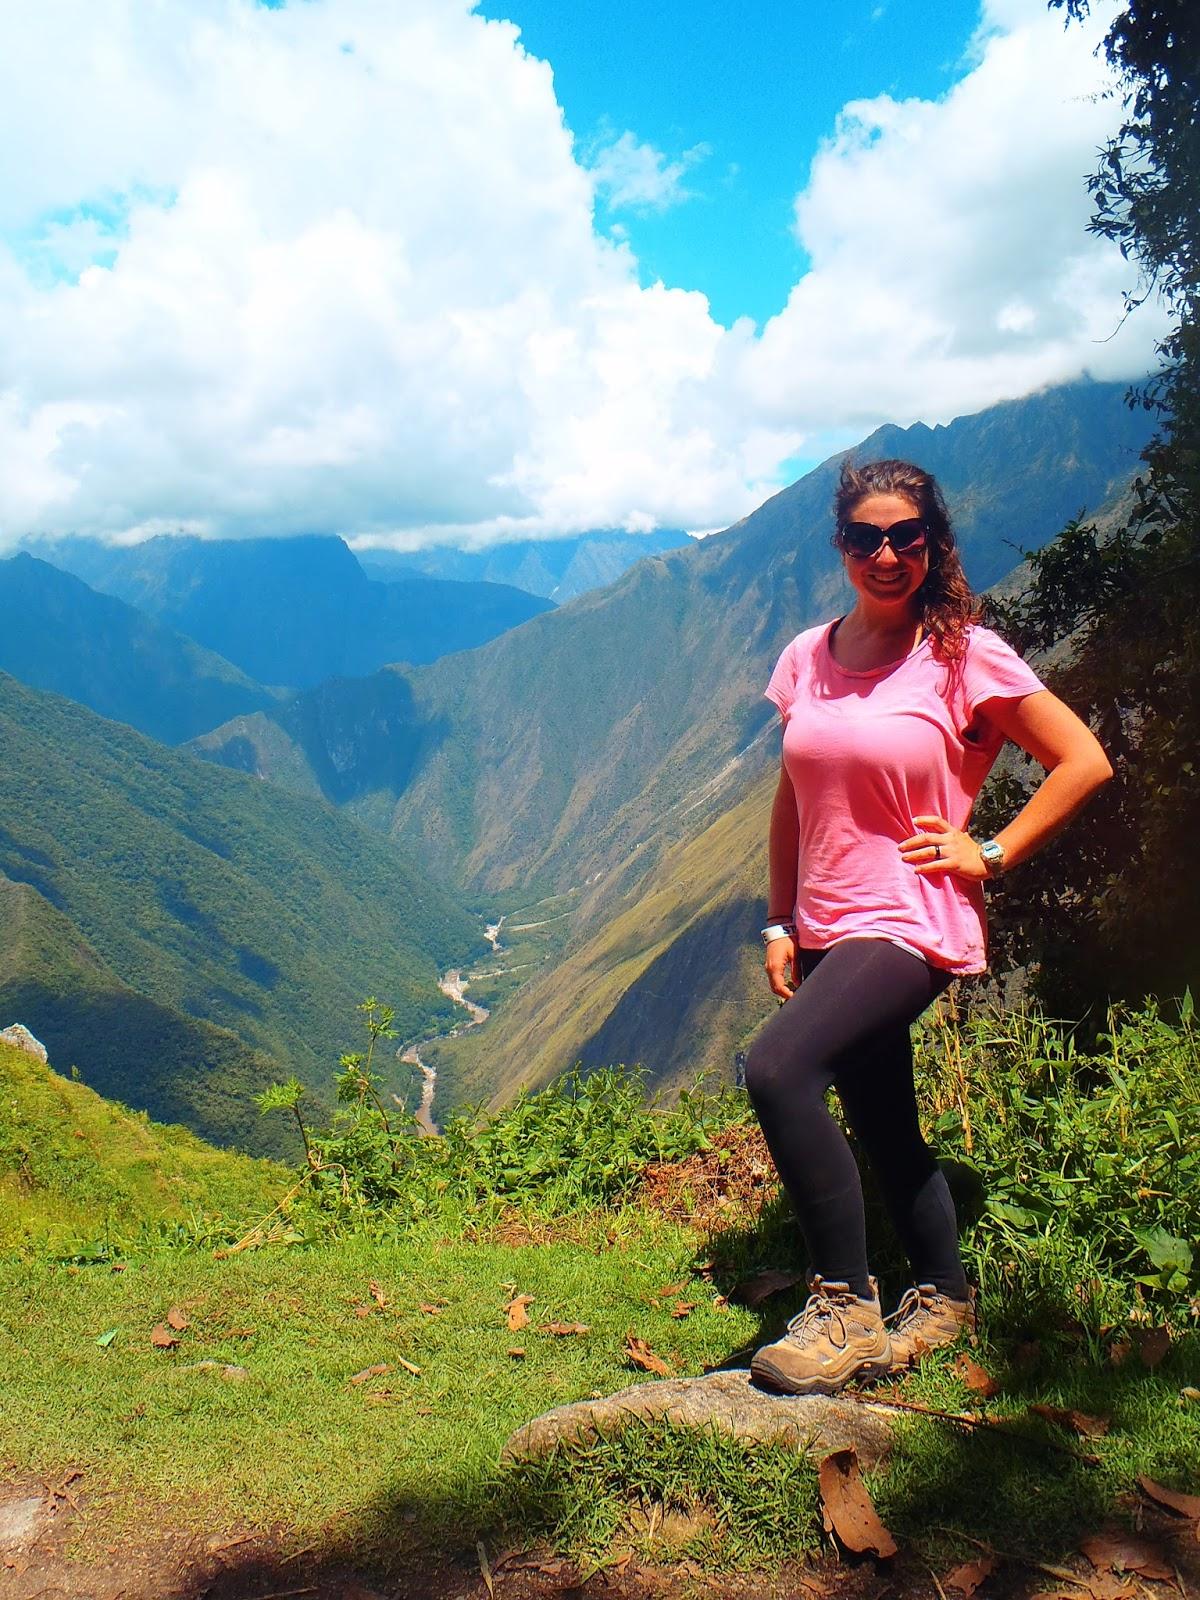 Girl hiking Inca Trail in Peru